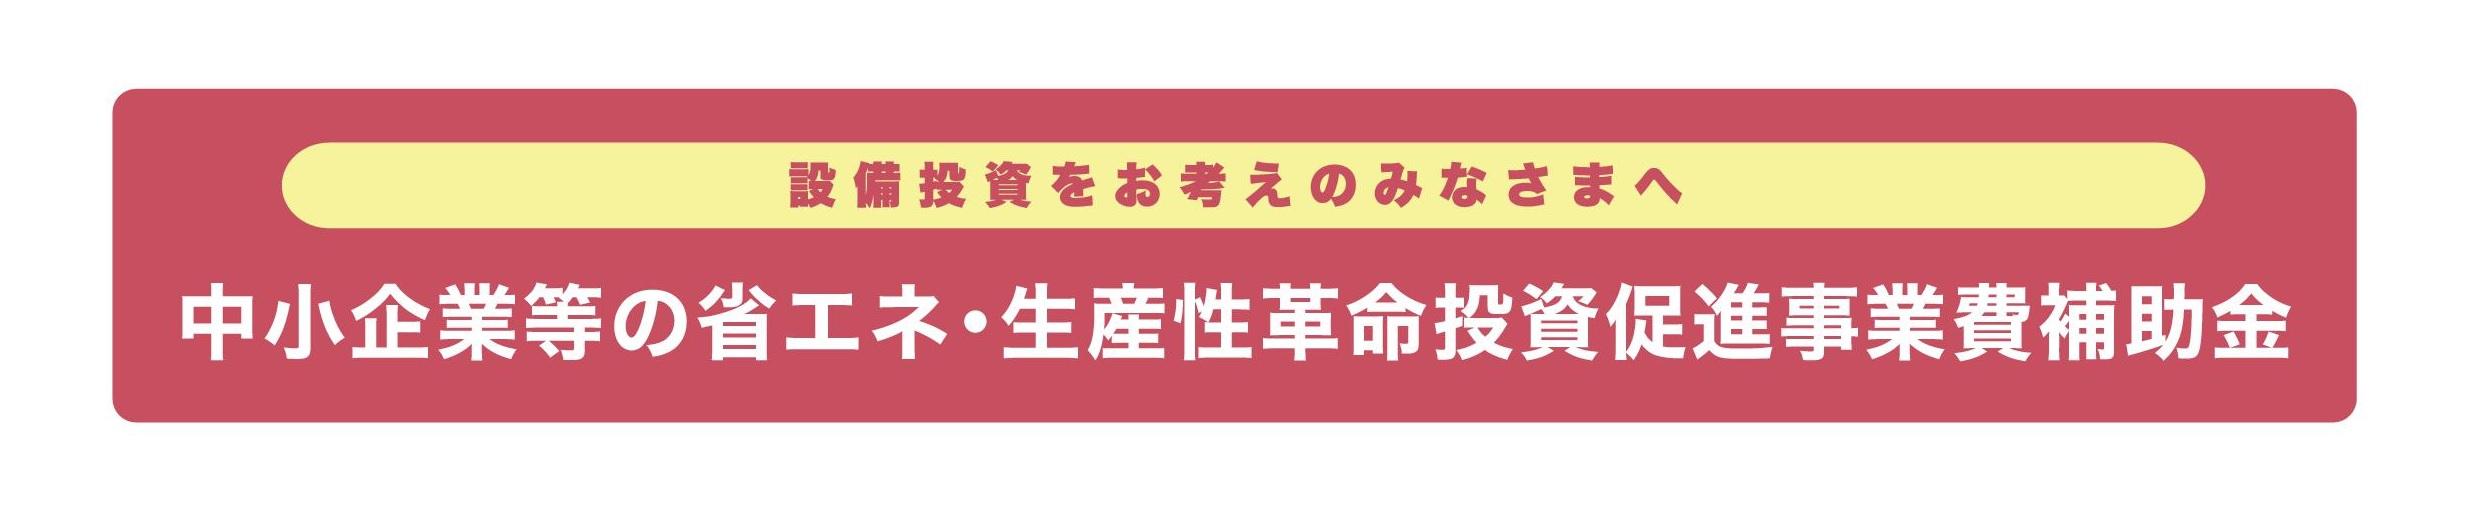 平成27年度補正 「中小企業等の省エネ・生産性革命投資促進事業費補助金」のお知らせ